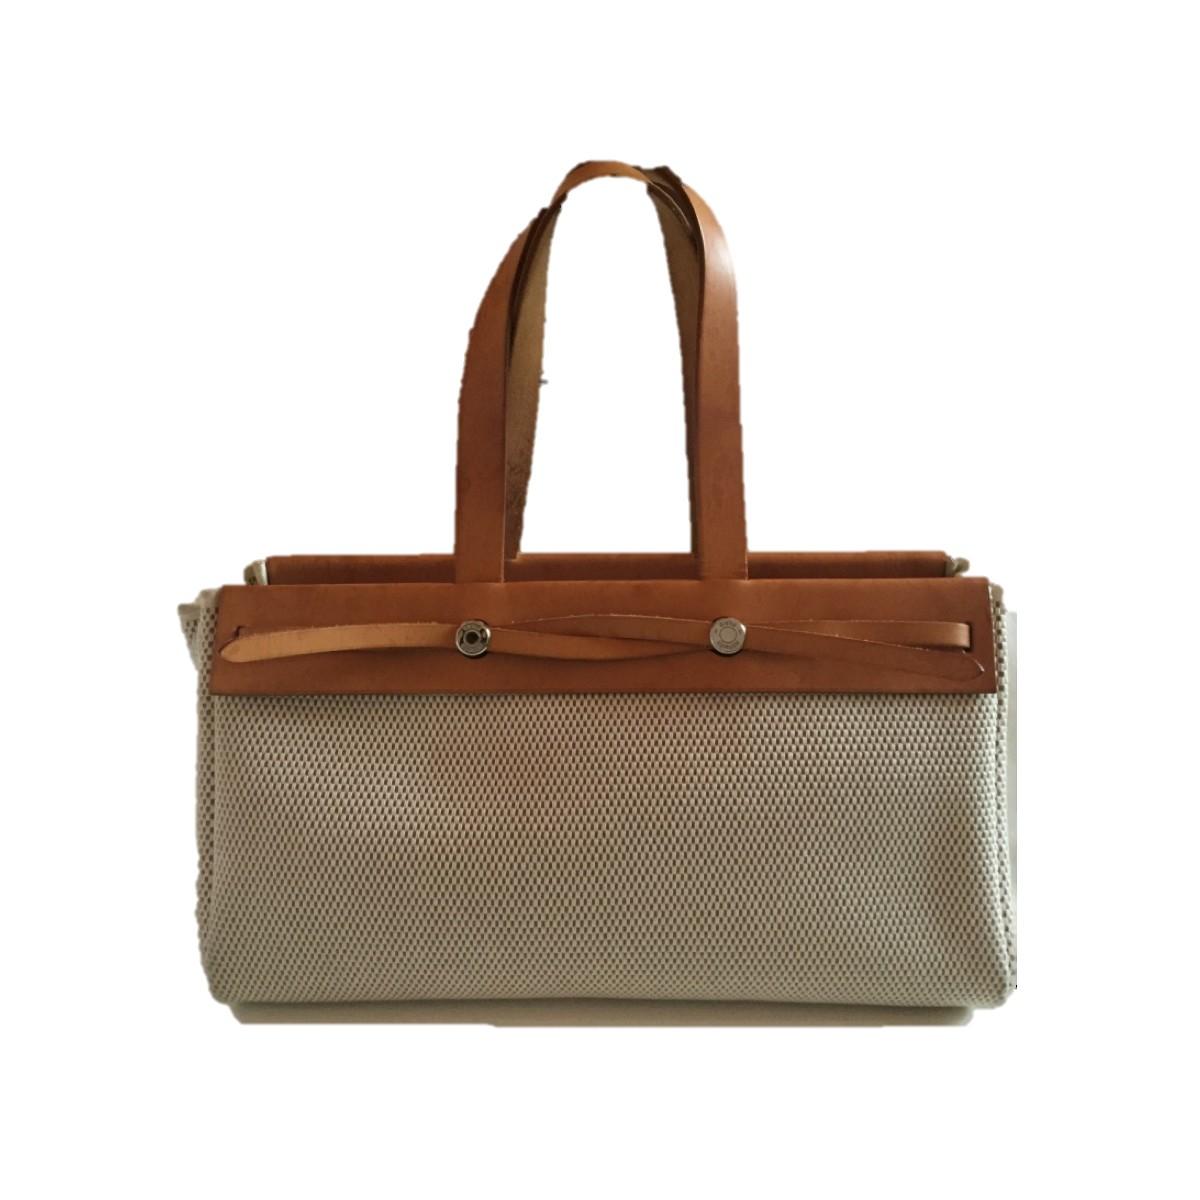 1e1728c7e59a HERMES Herbag Cabas Bag 2 in 1